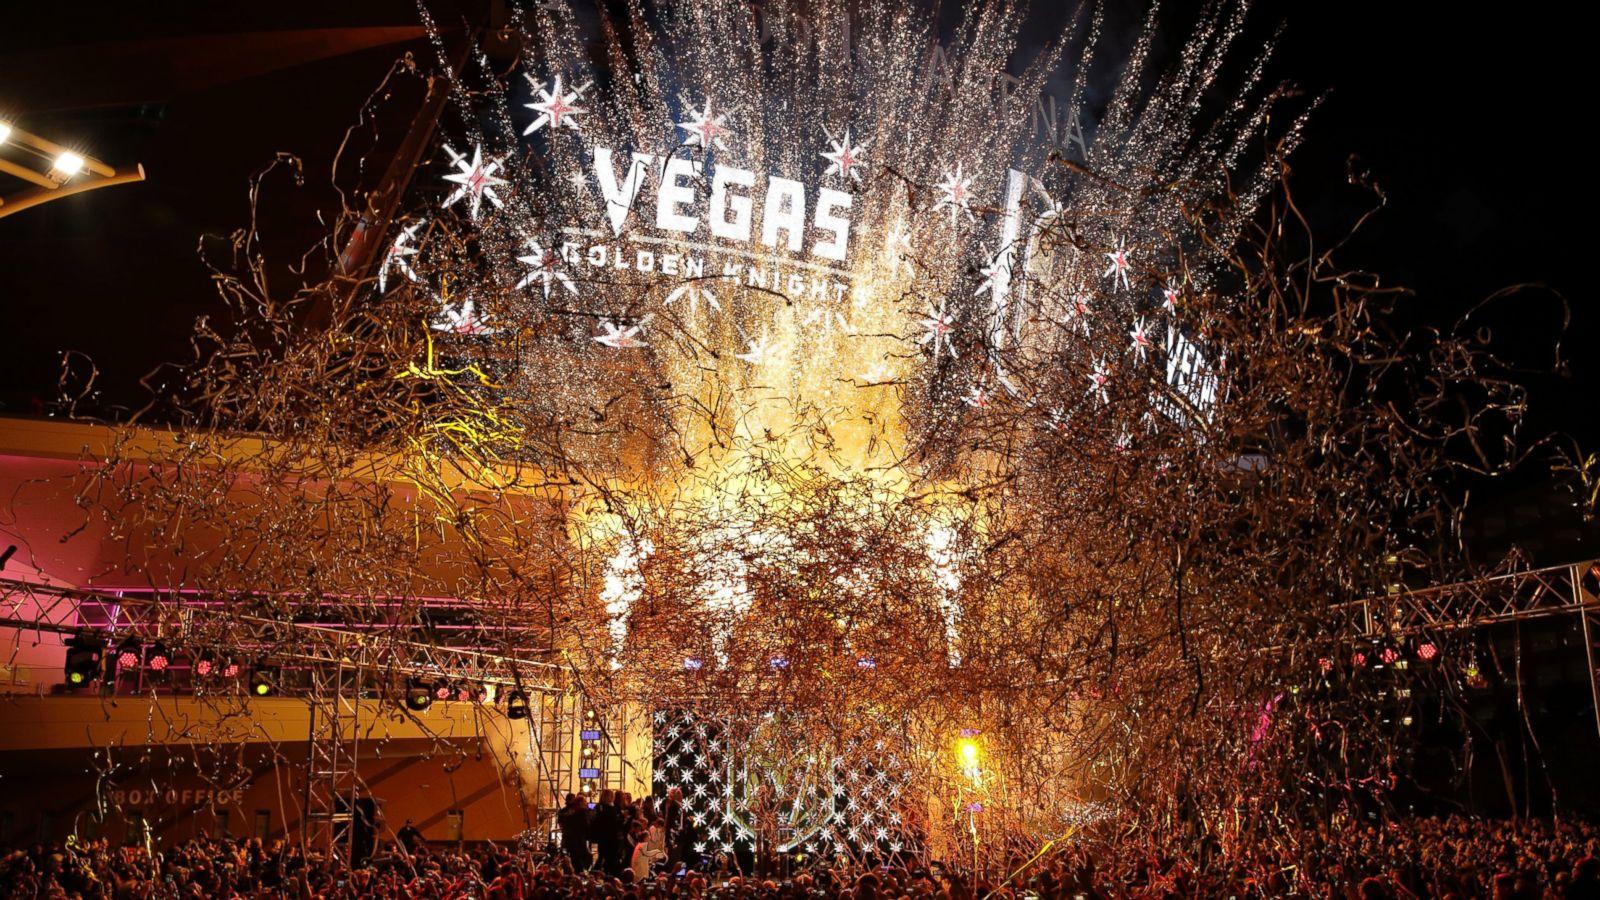 Vegas Golden Knights Wallpaper 1252684 Hd Wallpaper